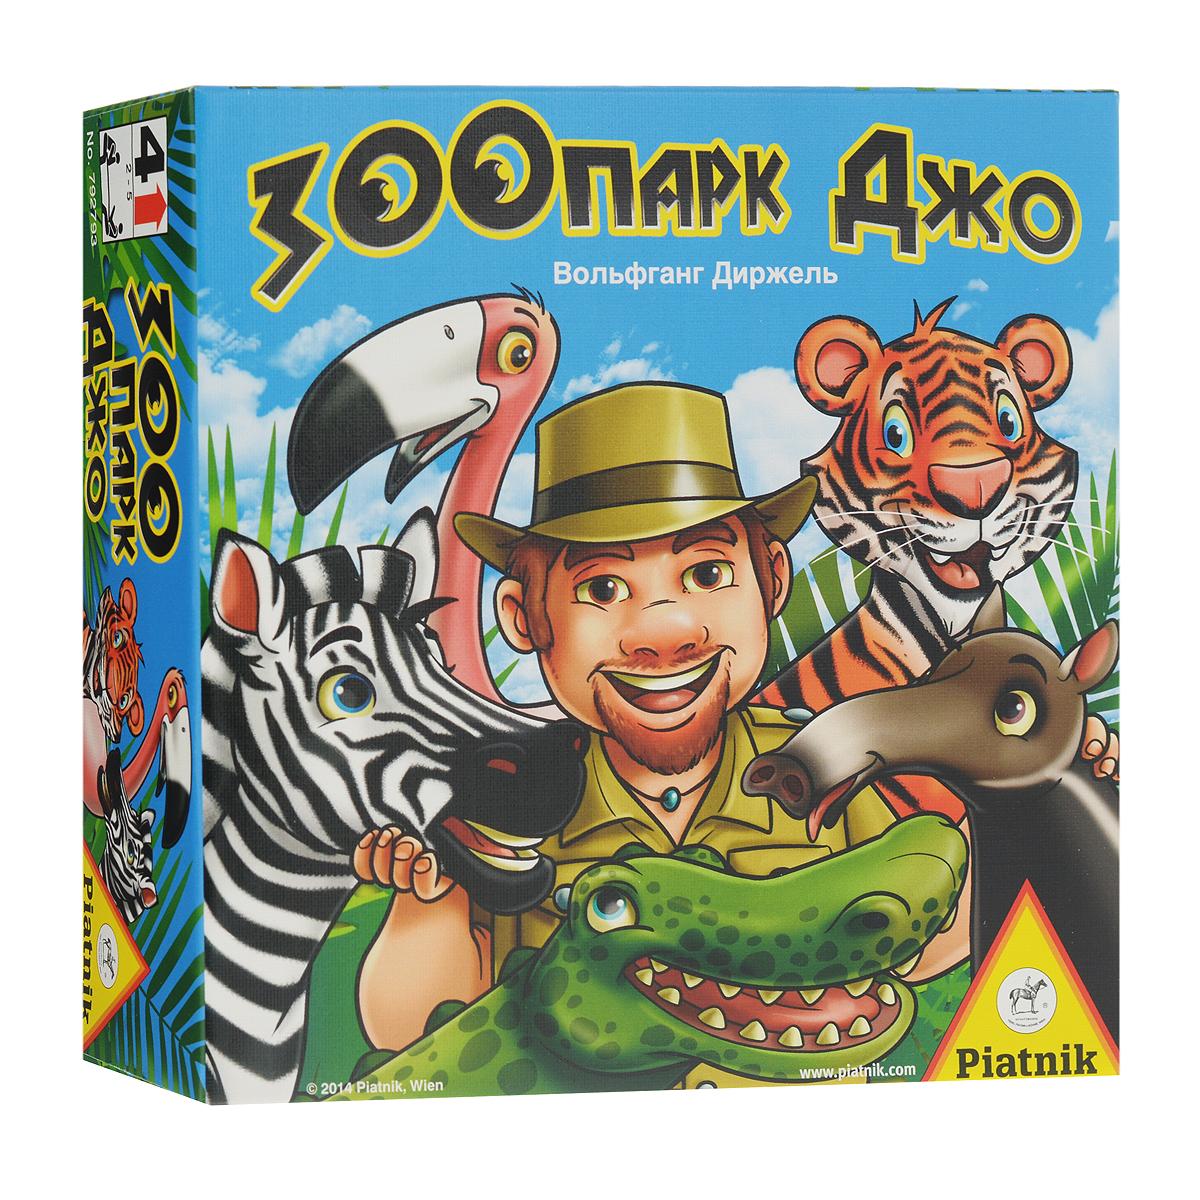 Настольная игра Piatnik Зоопарк Джо792793Настольная игра Piatnik Зоопарк Джо - это веселая настольная детская игра, которая подарит вам немало веселых минут! У смотрителя зоопарка Джо беда - часть животных сбежала из зоопарка и спряталась в укрытиях. Помогите ему найти фламинго, зебру, крокодила, муравьеда и тигра, попутно получая лакомства для найденных зверюшек. Окунитесь в круговорот приключений и азарта и узнайте, кто сможет найти сбежавших животных быстрее всех! В состав игры входят: 10 карточек с животными, 25 карточек для ставок, 30 кусочков корма, фигурка Джо, кубик, правила игры. Количество игроков: 2-5.